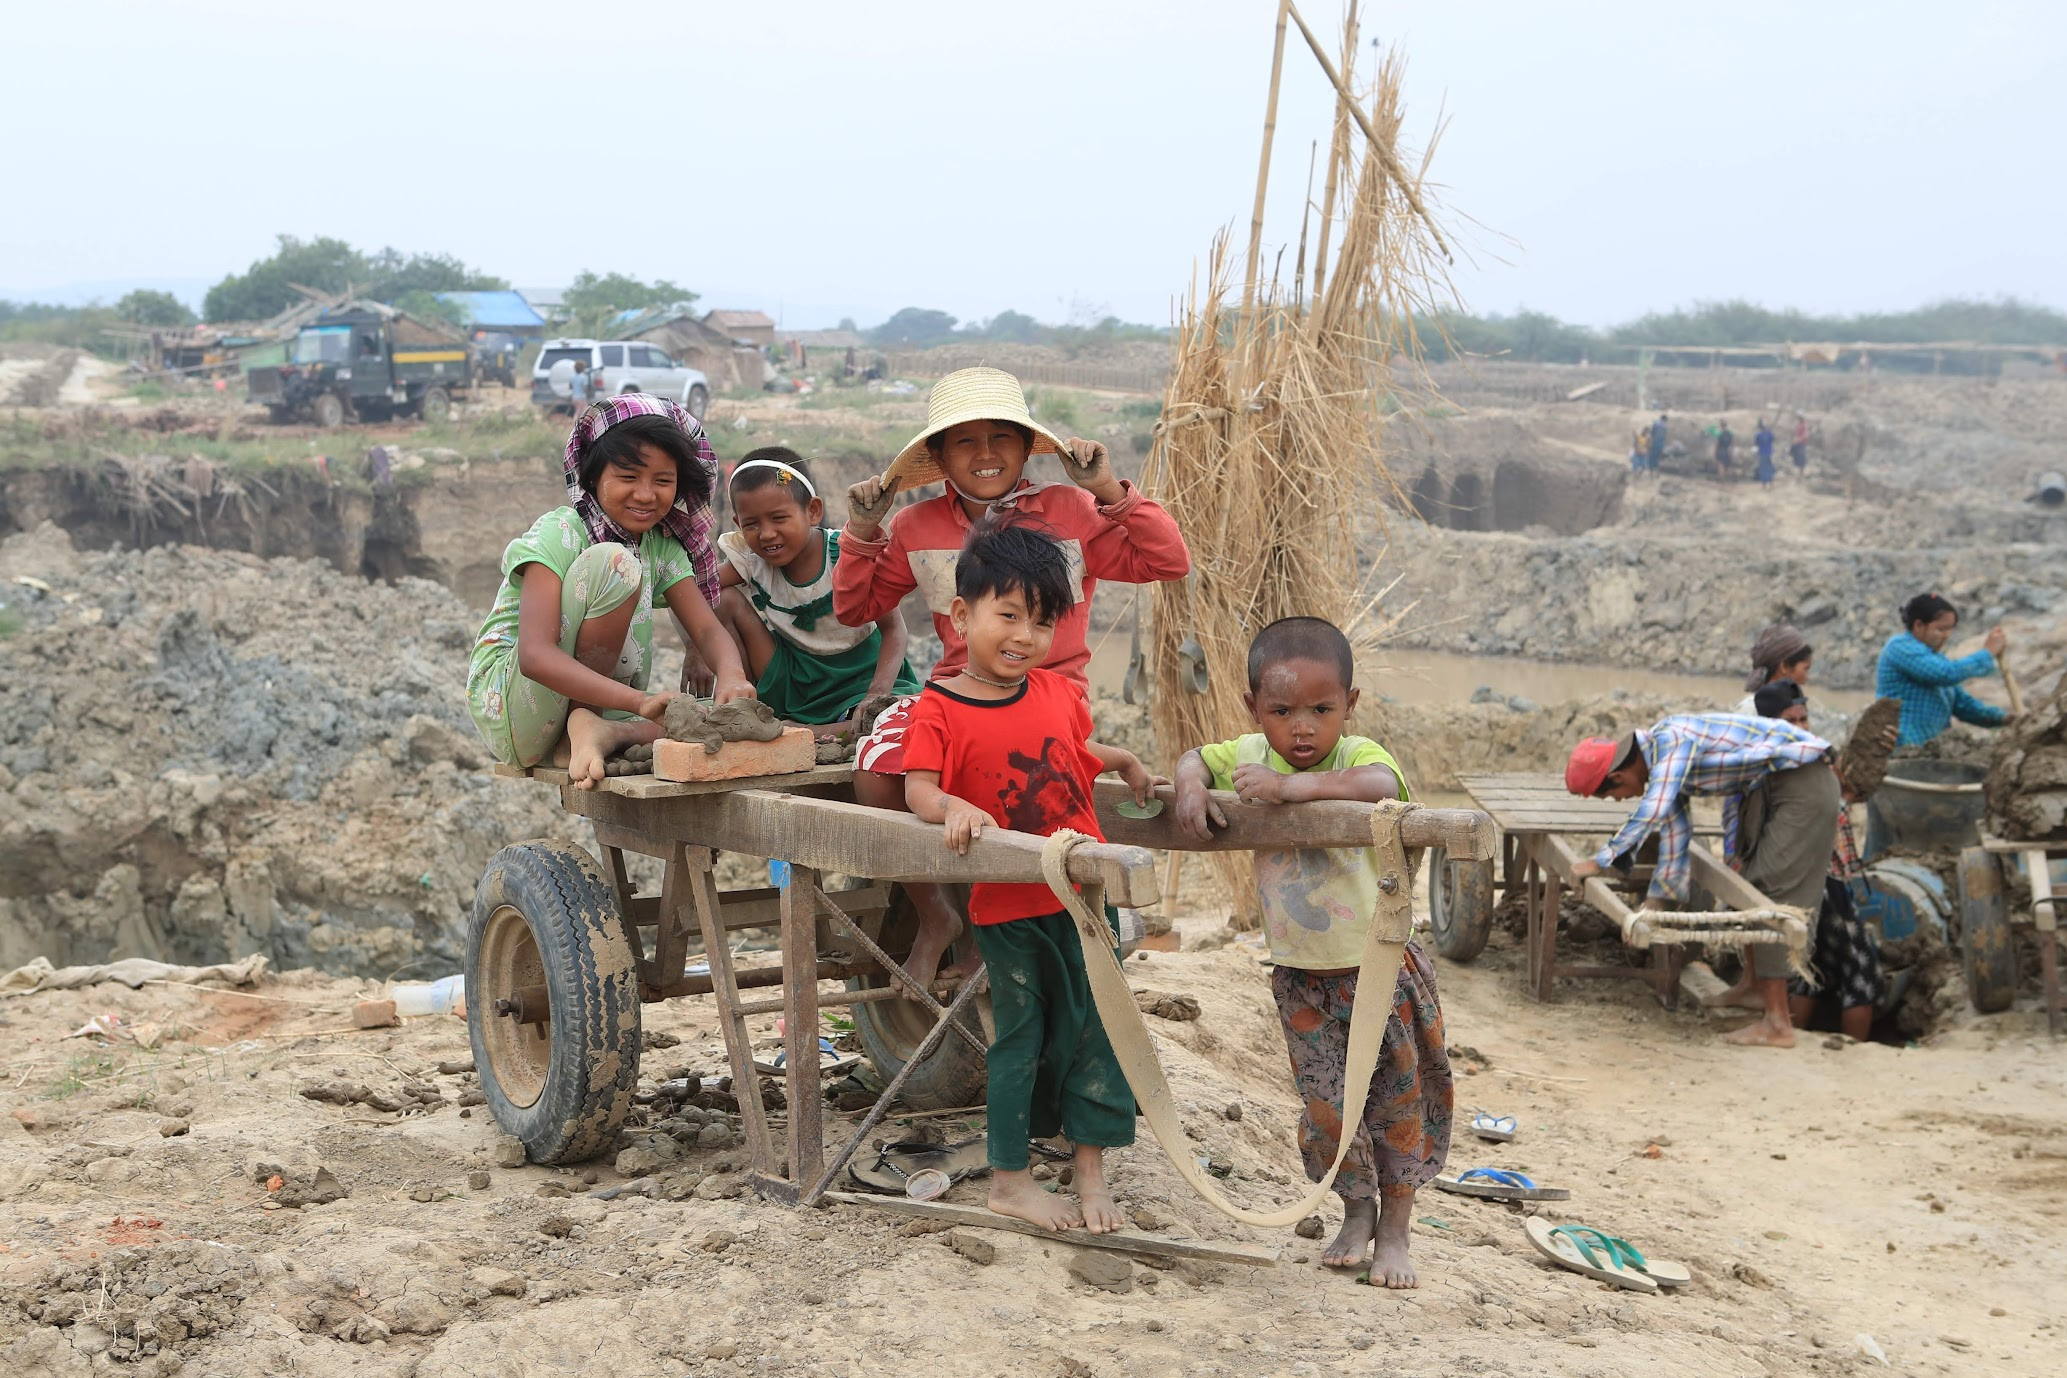 20일. 여성노동과 방치되는 아이들